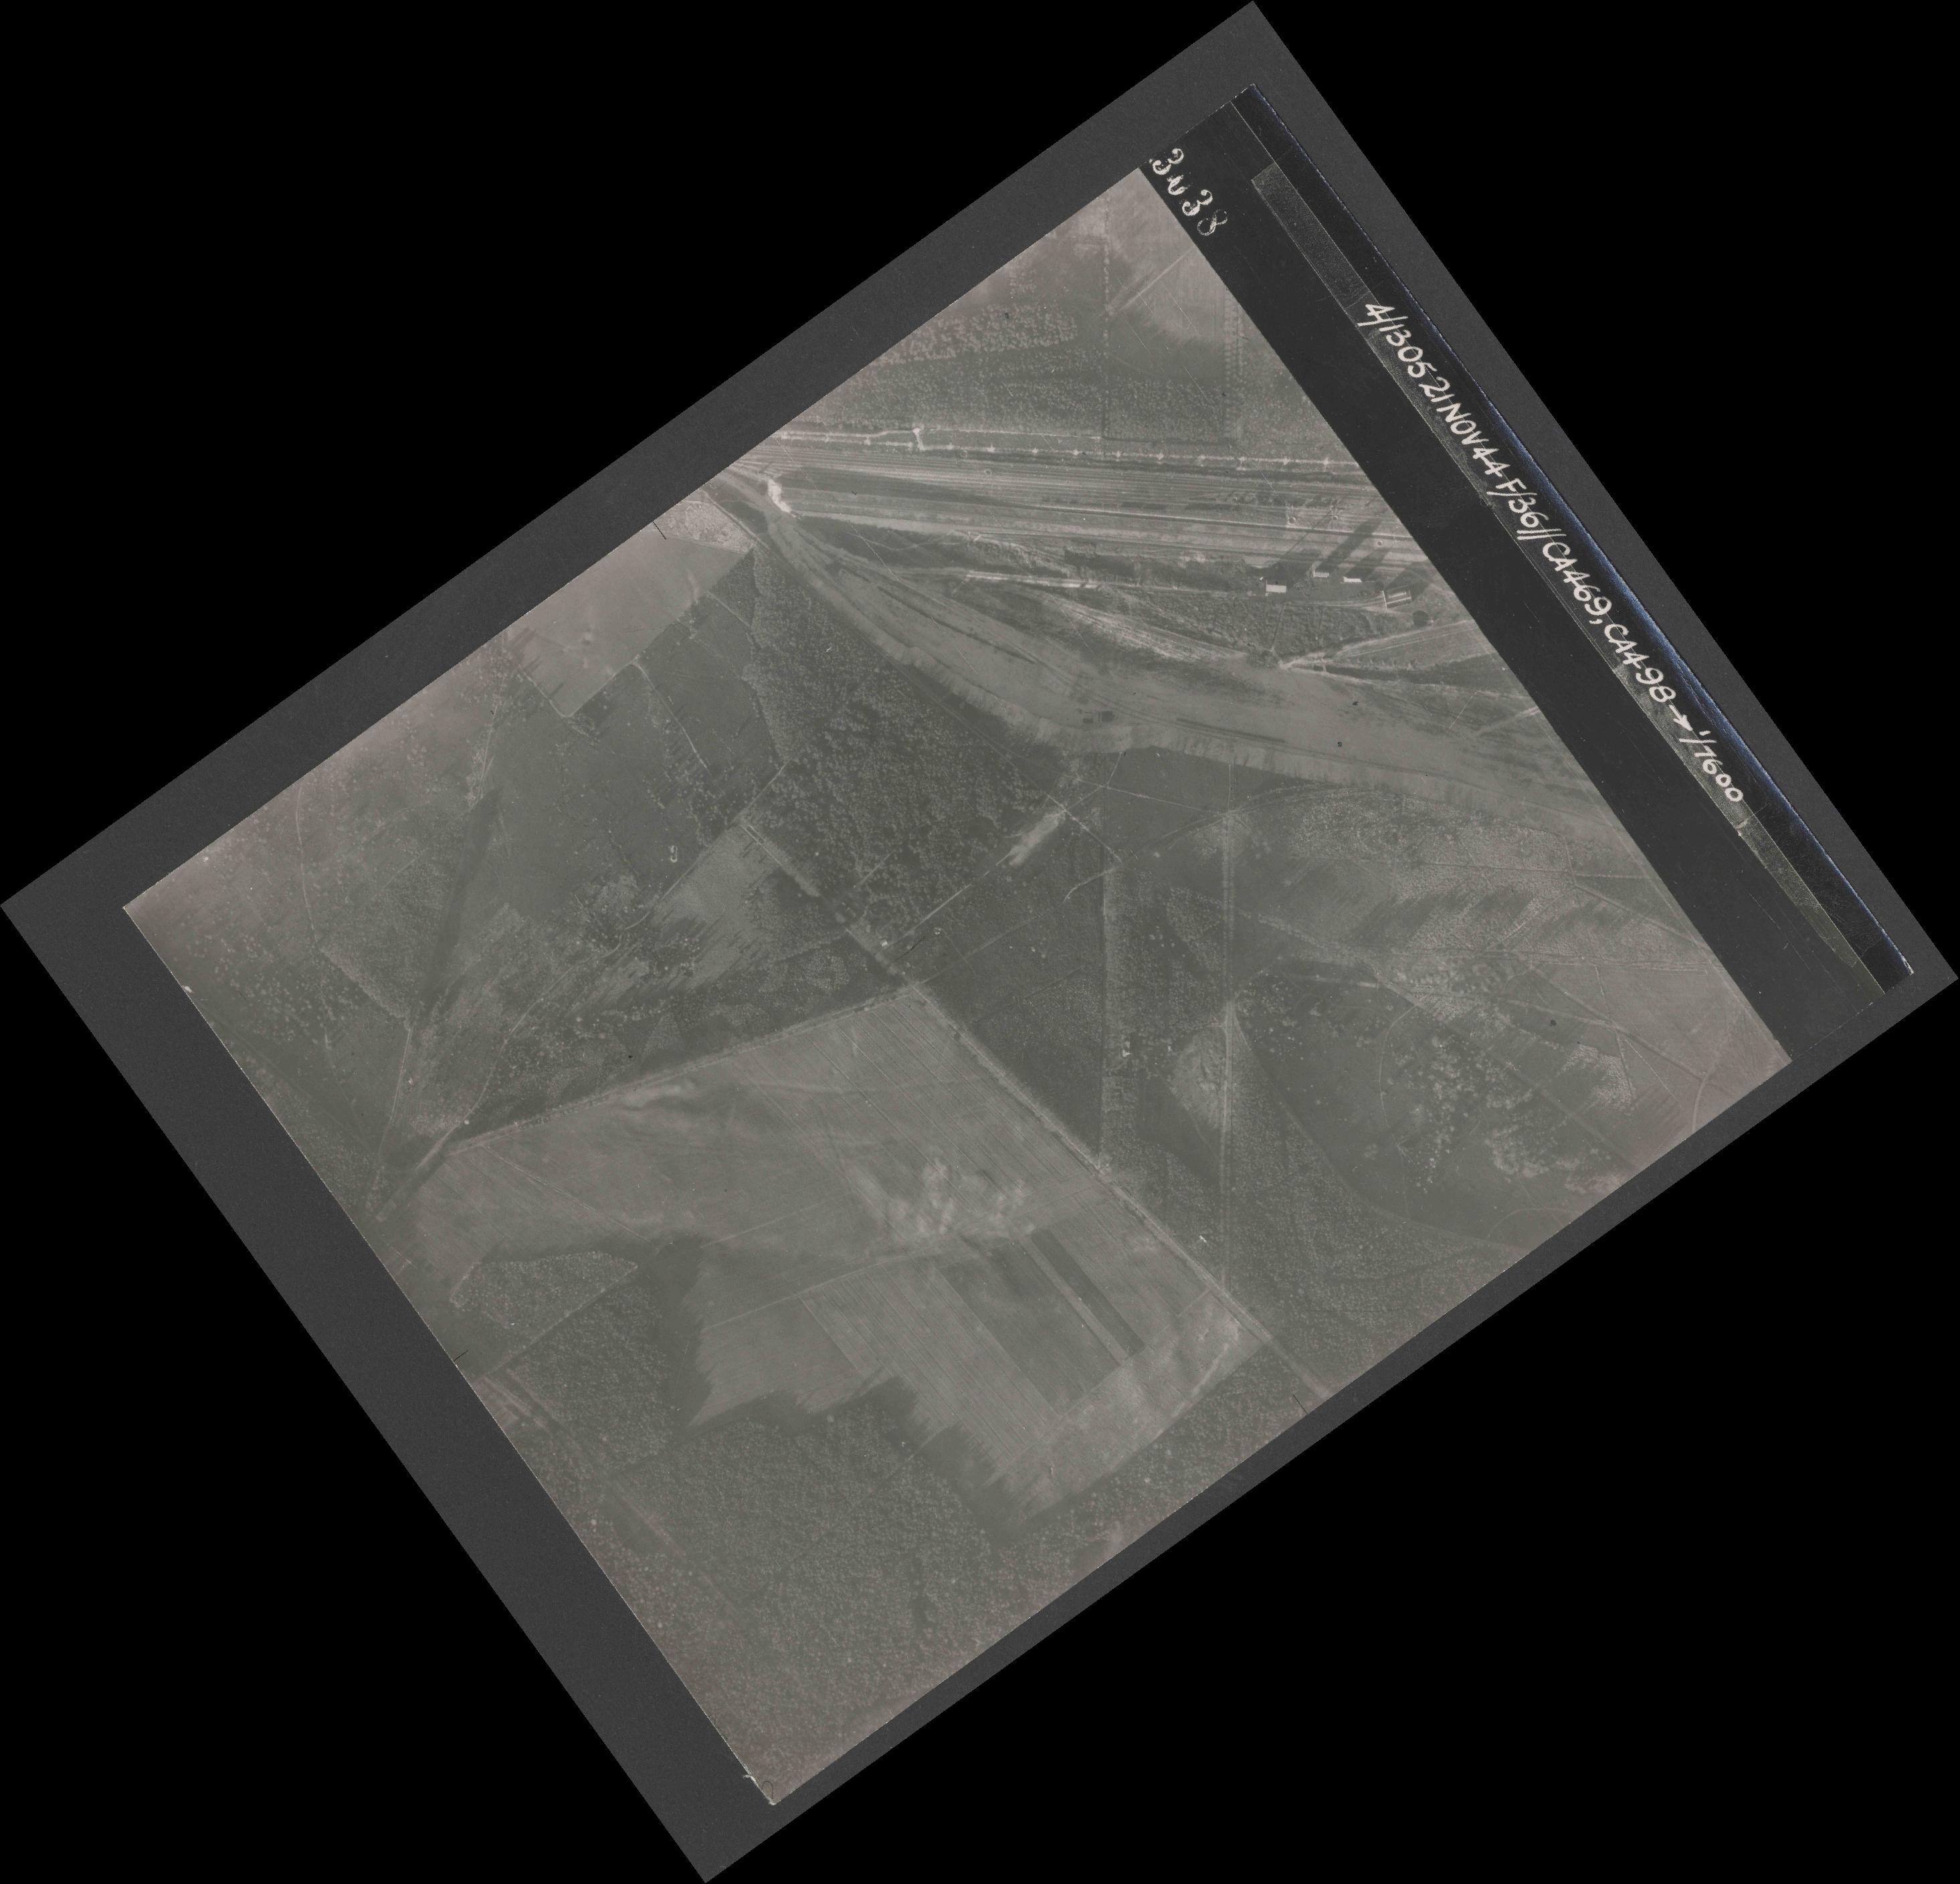 Collection RAF aerial photos 1940-1945 - flight 237, run 21, photo 3038